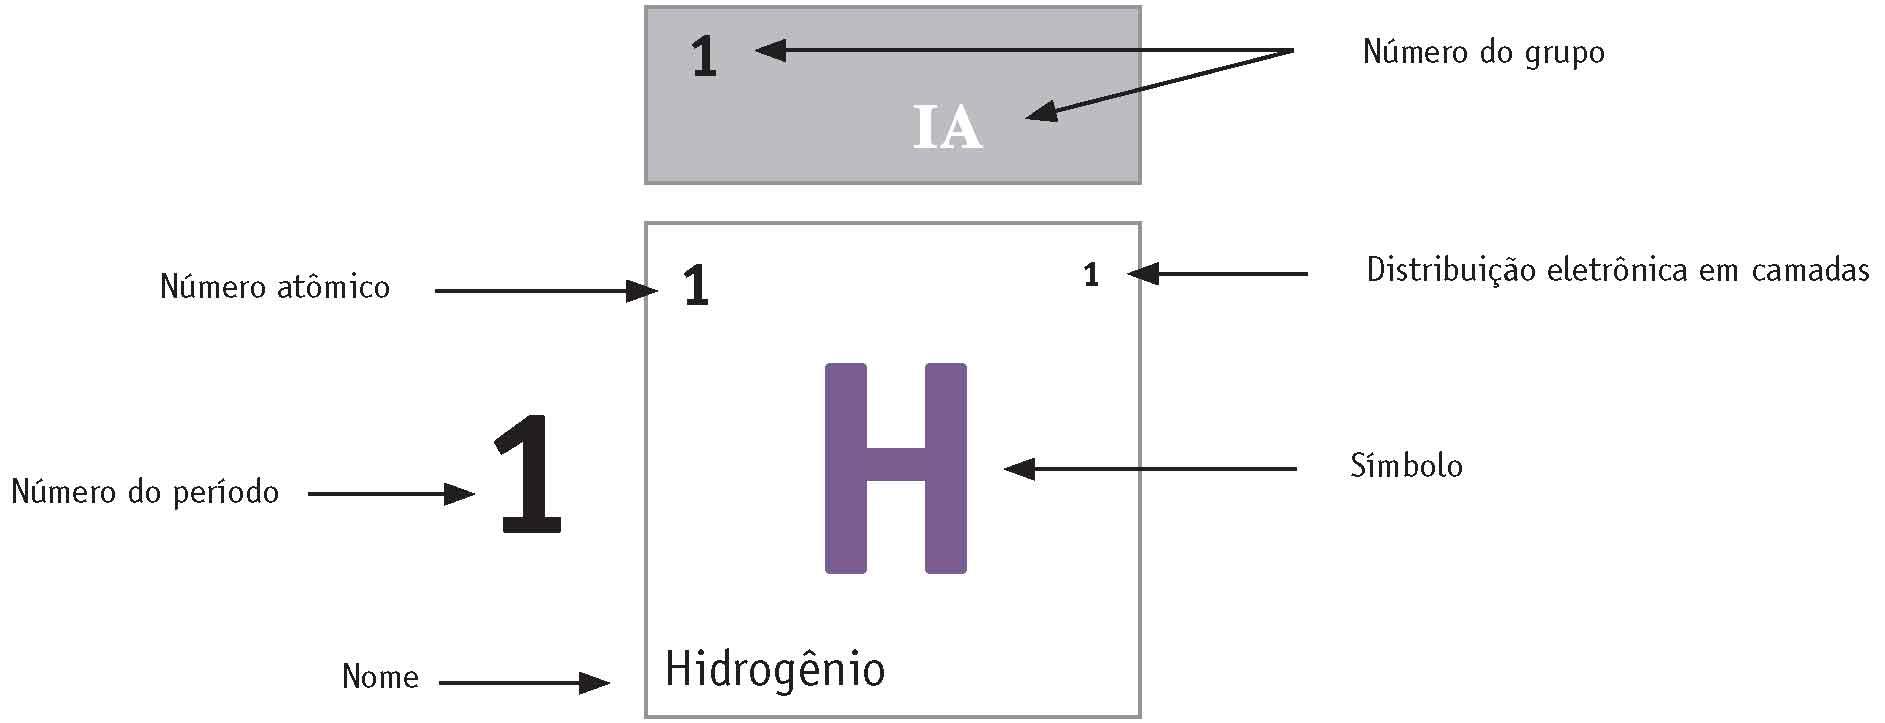 Guia para entender informações dos elementos químicos